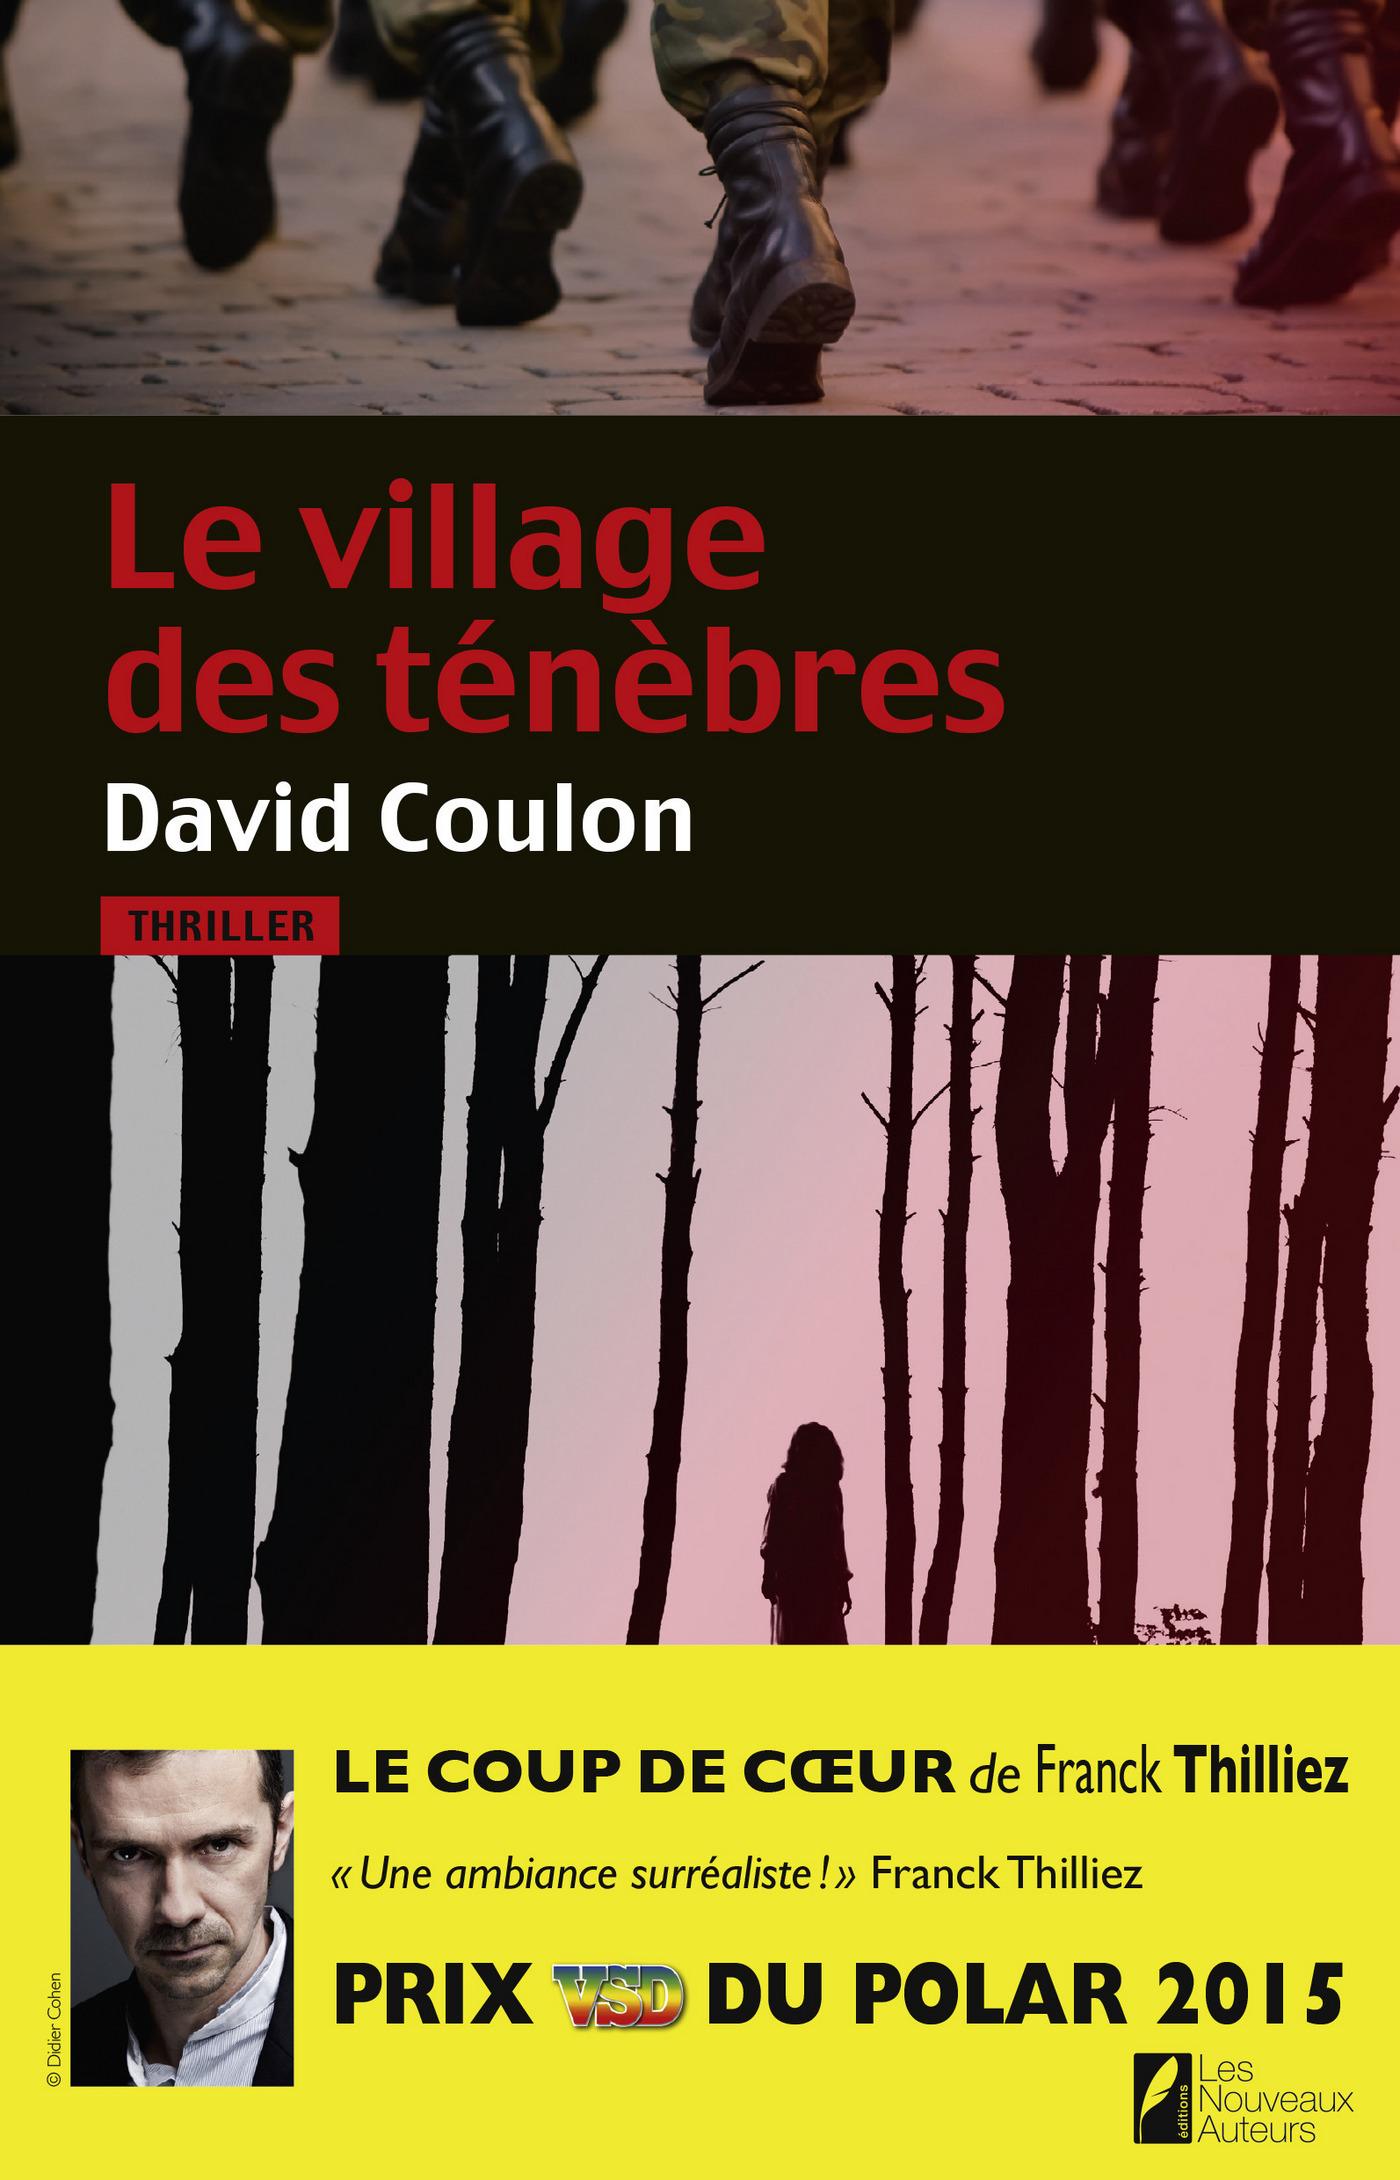 Le village des ténèbres. Prix VSD 2015. Coup de coeur Franck Thilliez